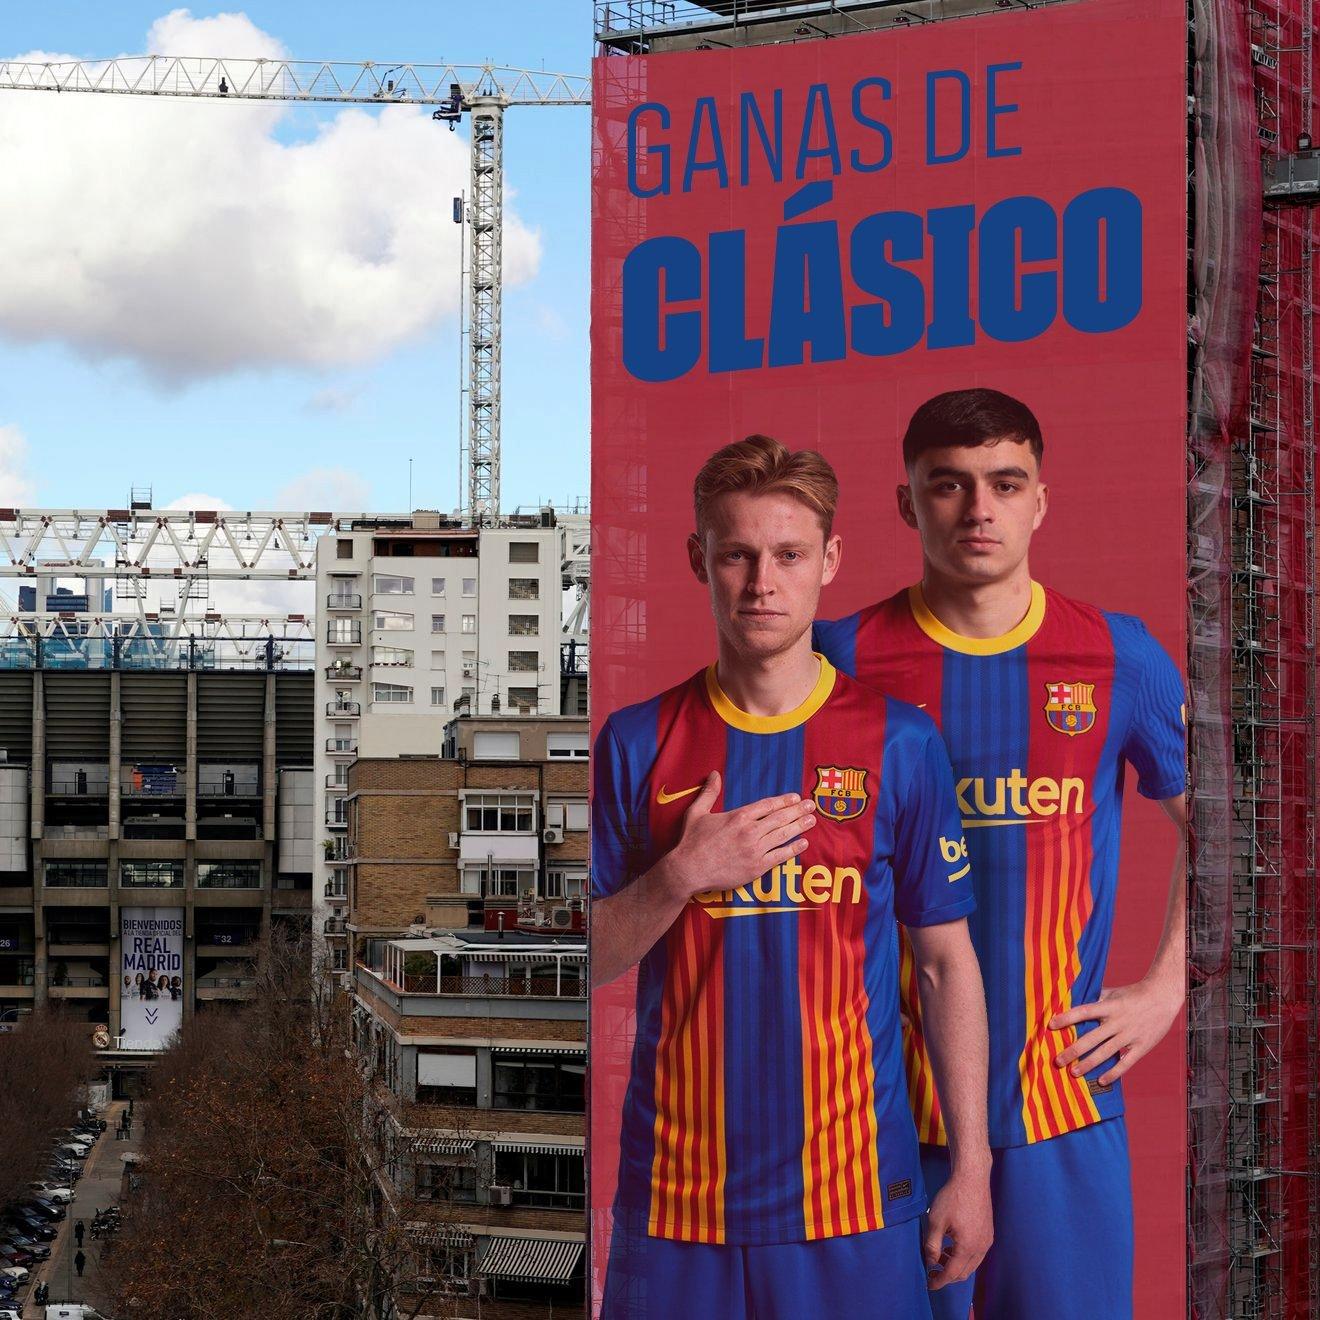 La pancarta publicada por el Barcelona.